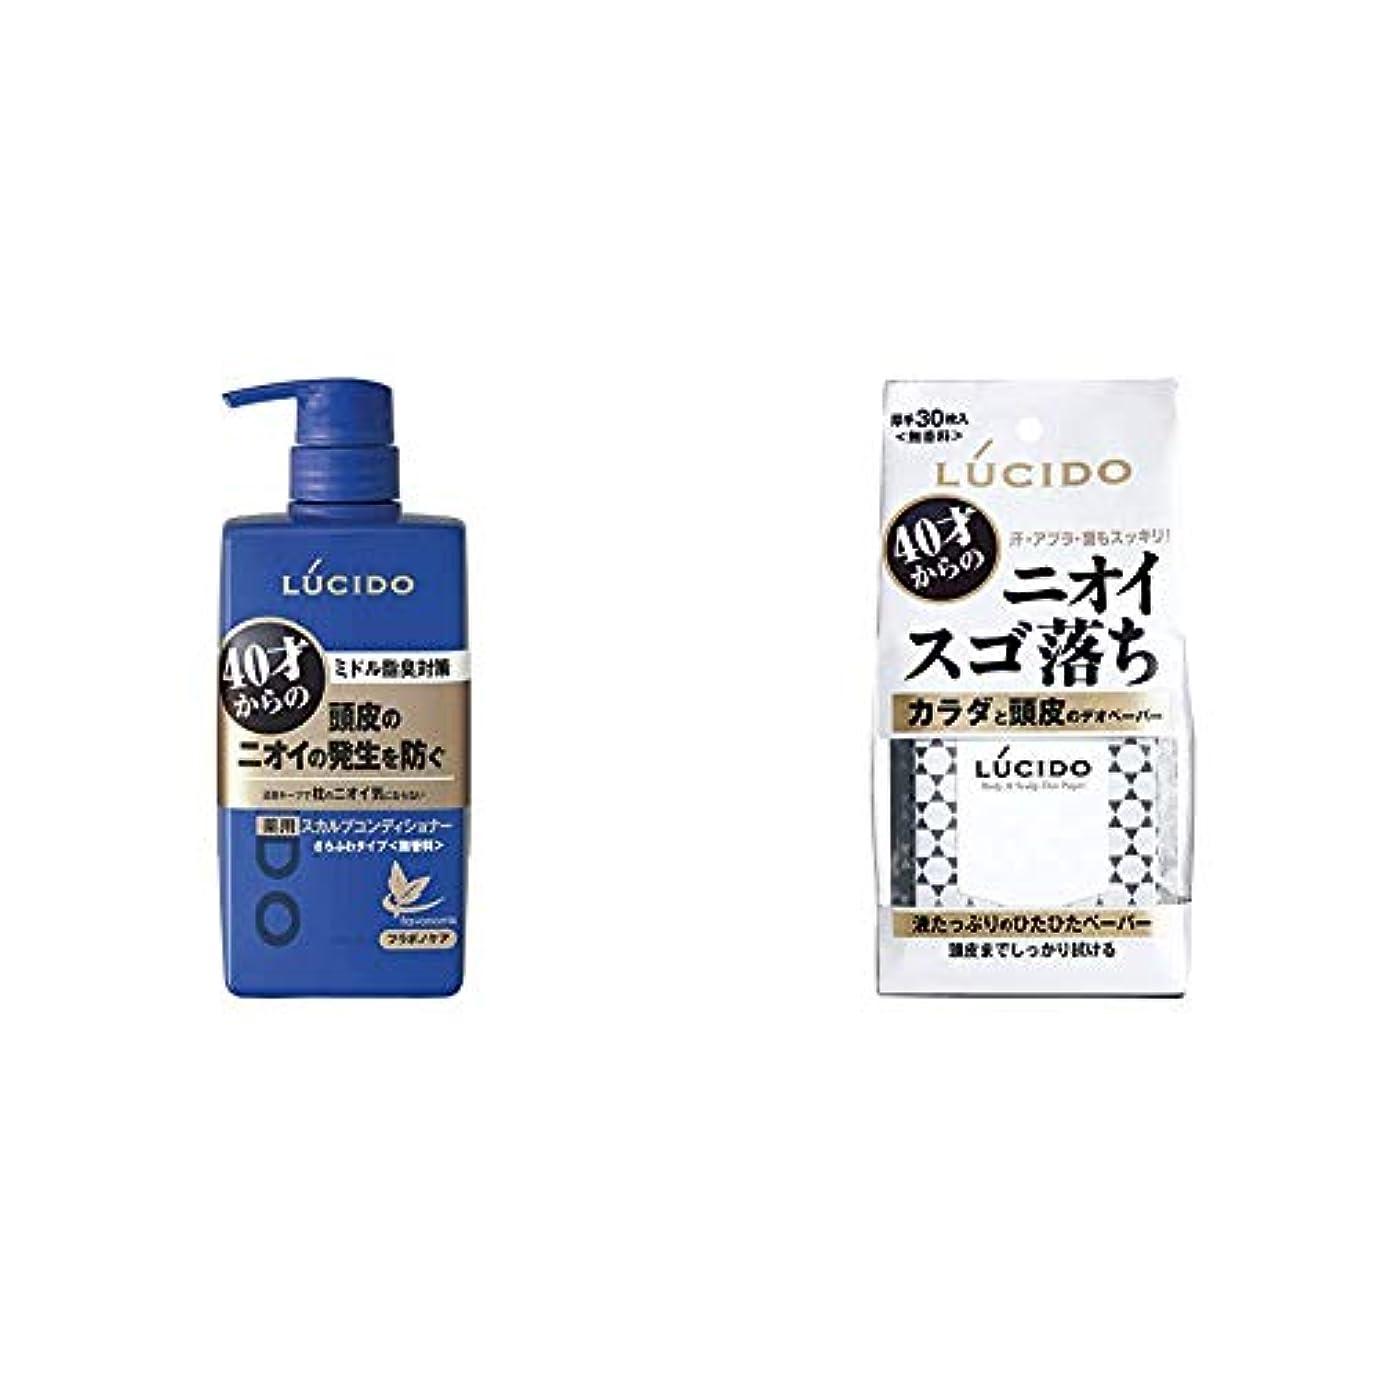 どう?シリングサイクロプスルシード 薬用ヘア&スカルプコンディショナー 450g(医薬部外品) & カラダと頭皮のデオペーパー 30枚